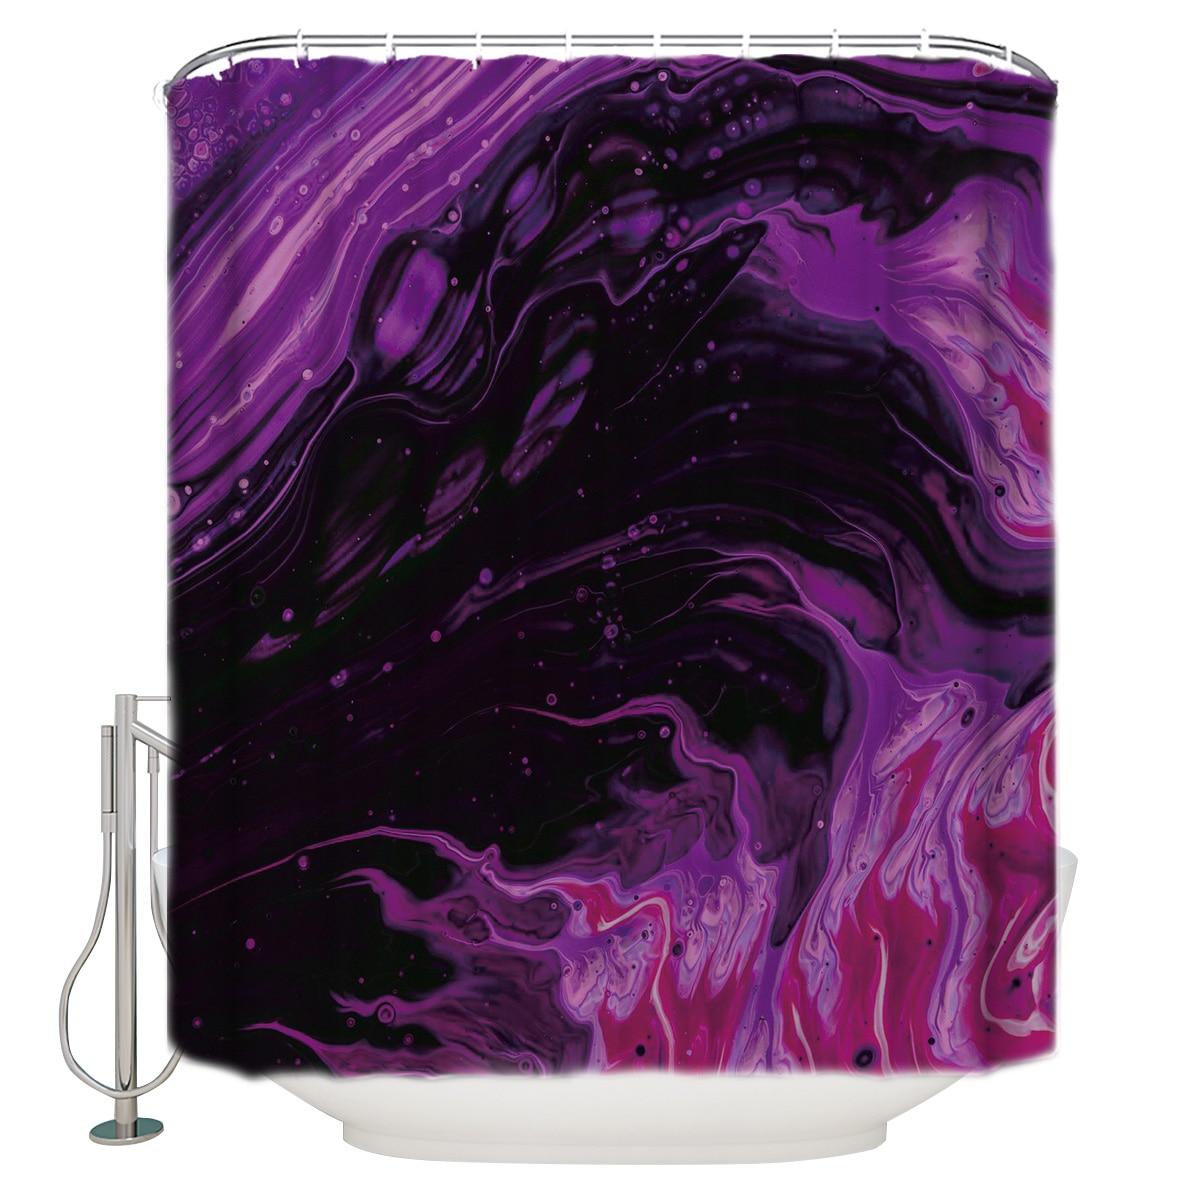 Абстрактная жидкая градиентная душевая занавеска водонепроницаемая и водонепроницаемая полиэфирная ткань для ванной занавески